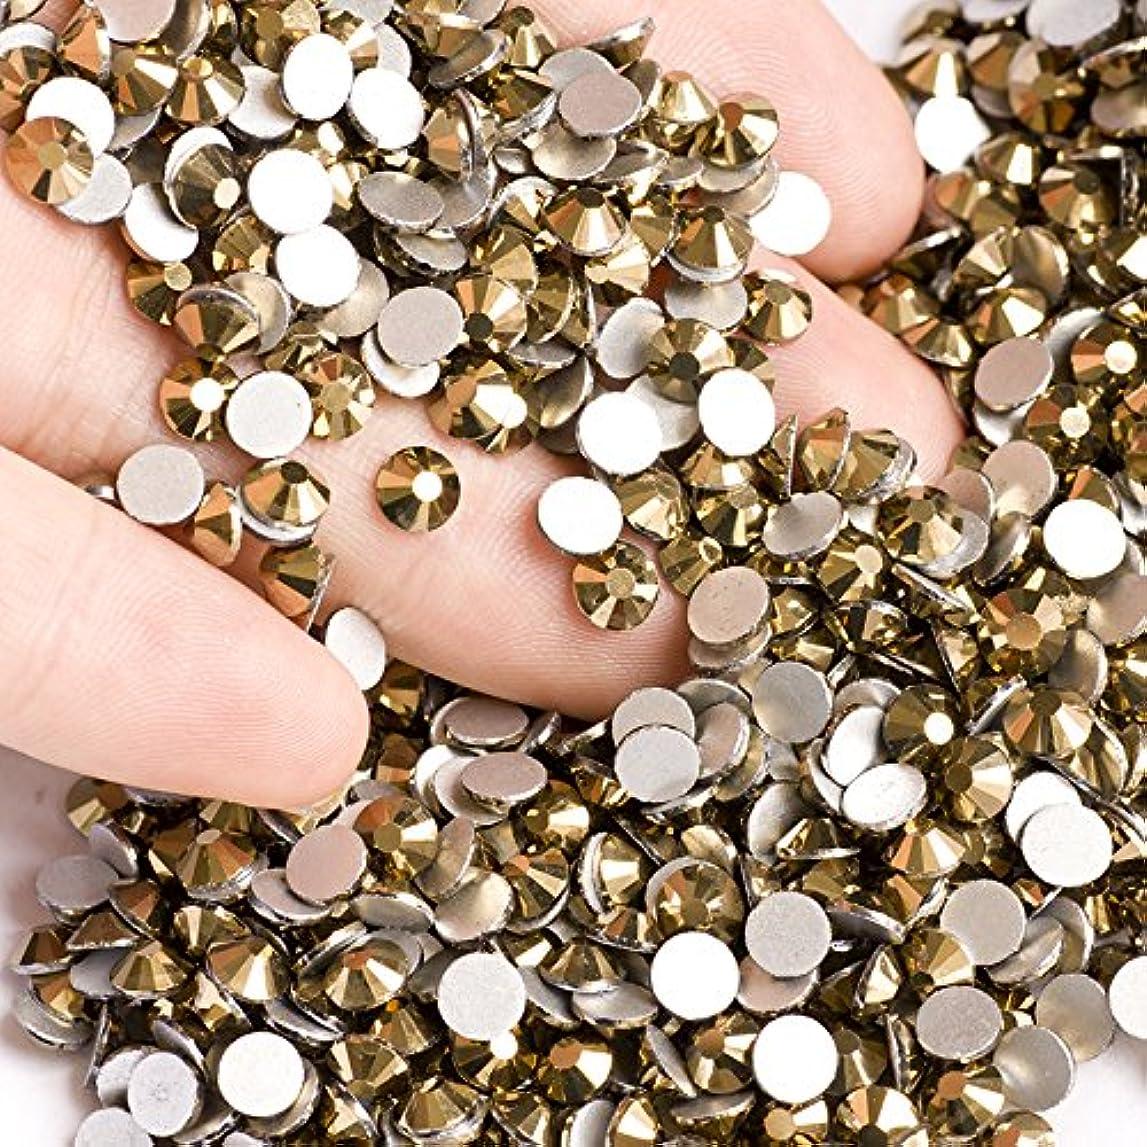 うぬぼれとげのあるシャーロットブロンテ高品質ガラス製ラインストーン ゴールド 業務用パック1440粒入り ネイル デコ レジンに (4.8mm (SS20) 約1440粒) [並行輸入品]